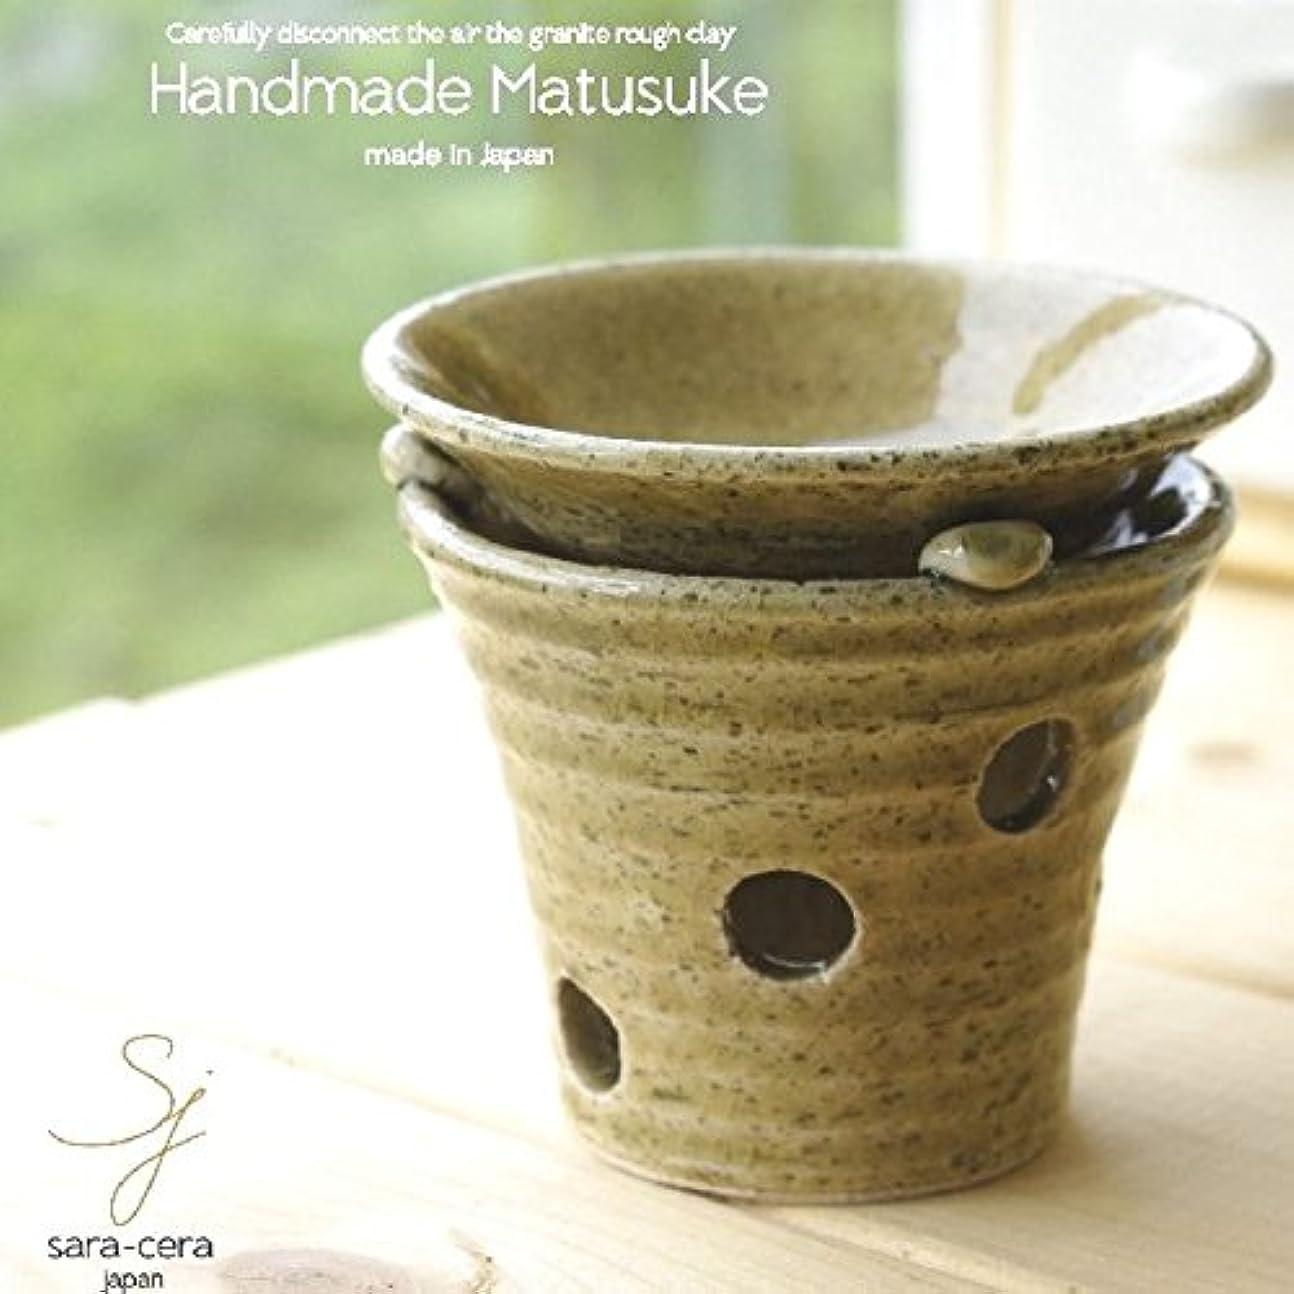 フリース職人労働者松助窯 手作り茶香炉セット 灰釉ビードロ アロマ 和風 陶器 手づくり 日本製 美濃焼